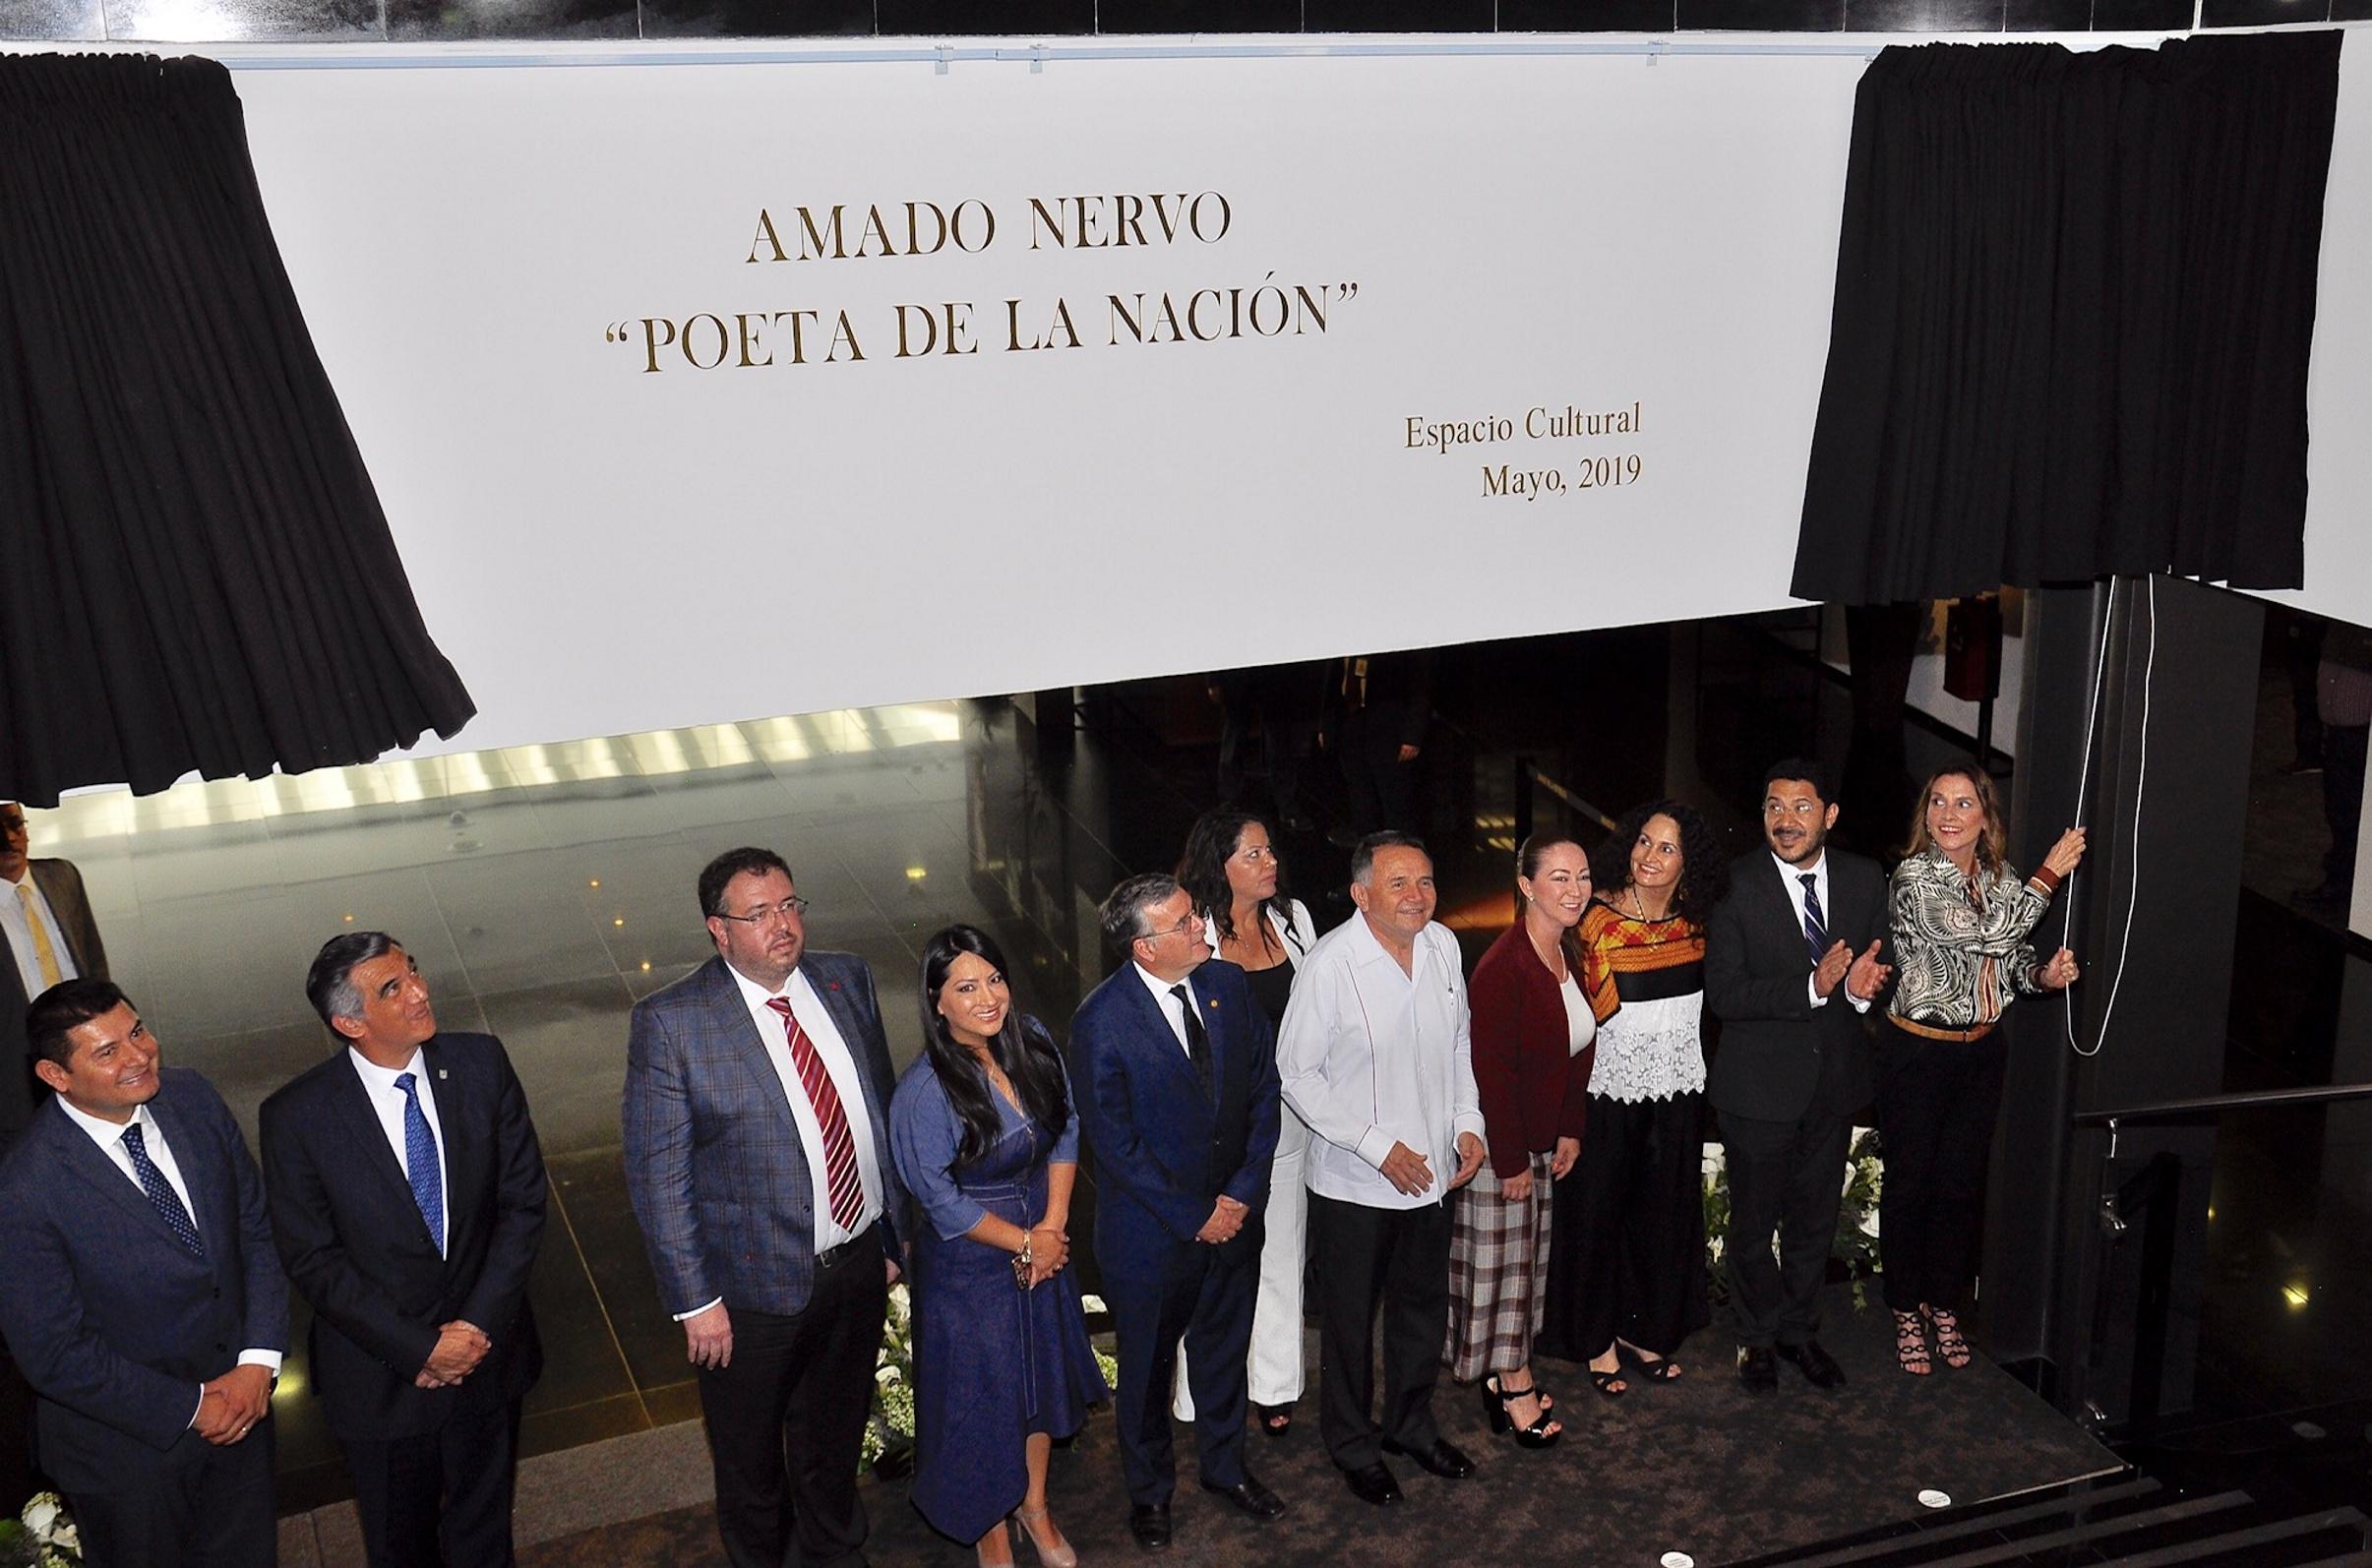 Senado realiza evento Amado Nervo Poeta de la Nación